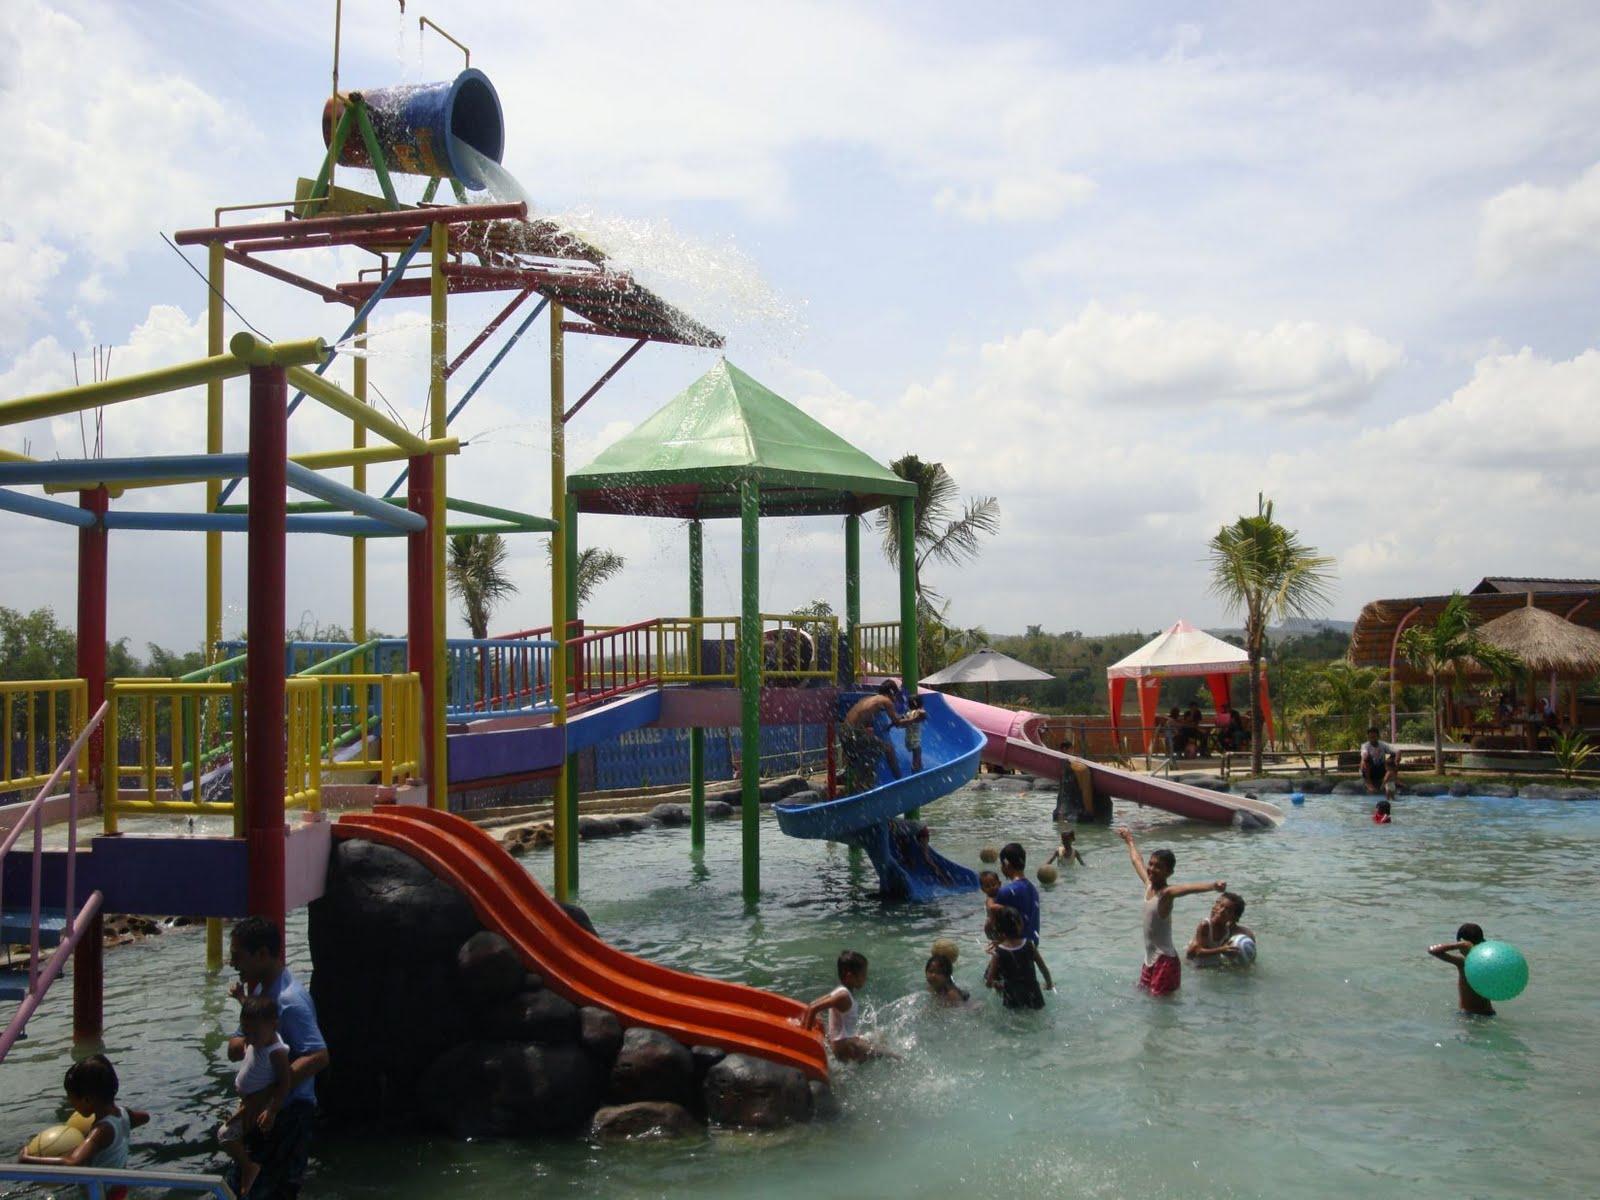 Wisata Blora Kampung Bluron Keluarga Taman Sarbini Water Splash Kab